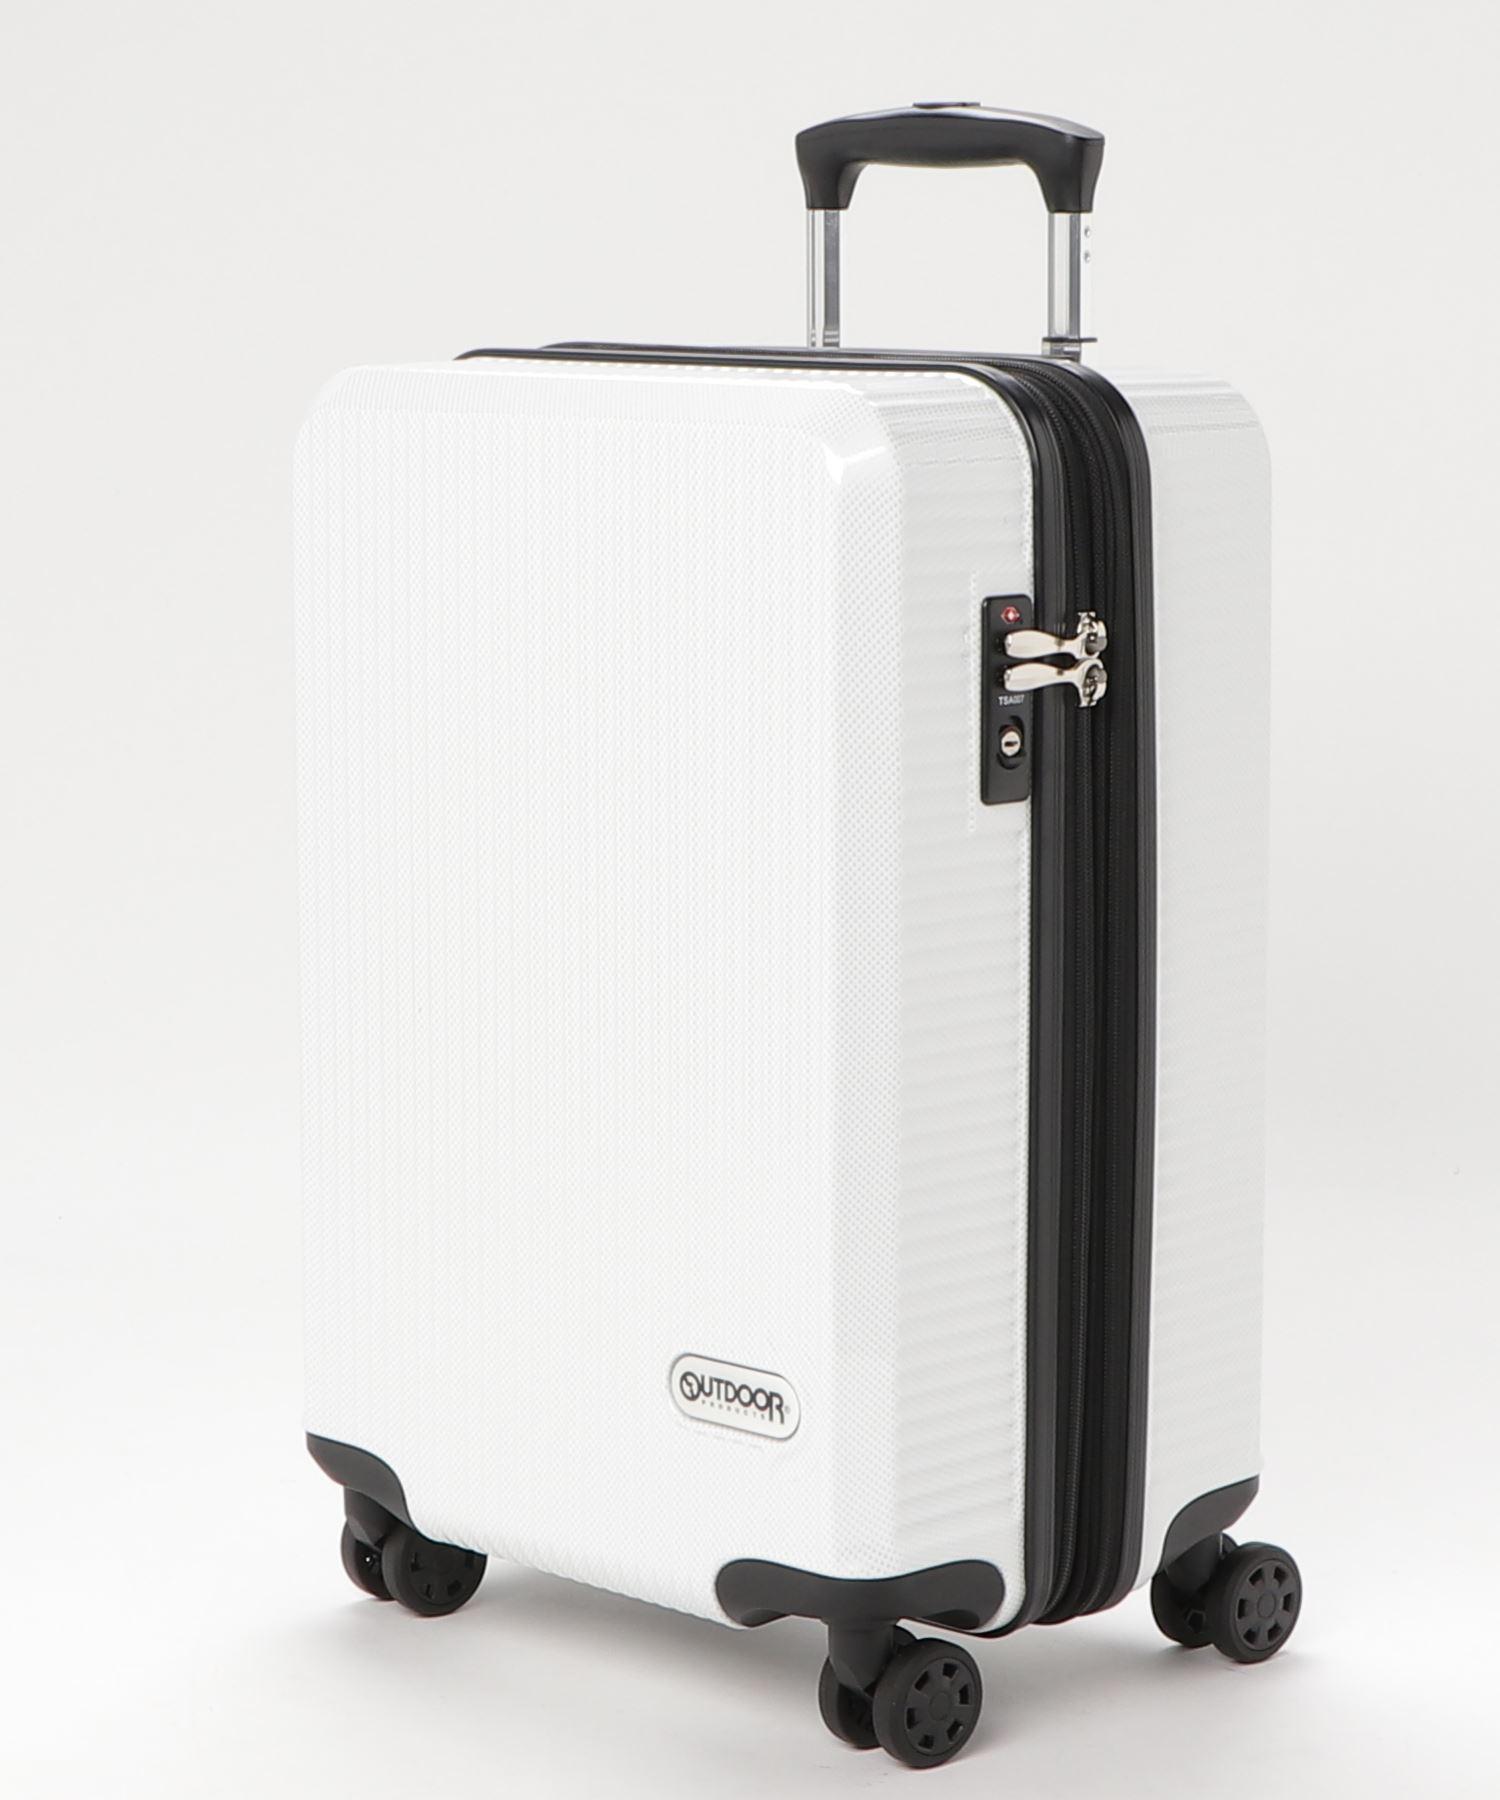 Wホイールキャリーケース 50cm 容量40L 軽量  拡張式ファスナー